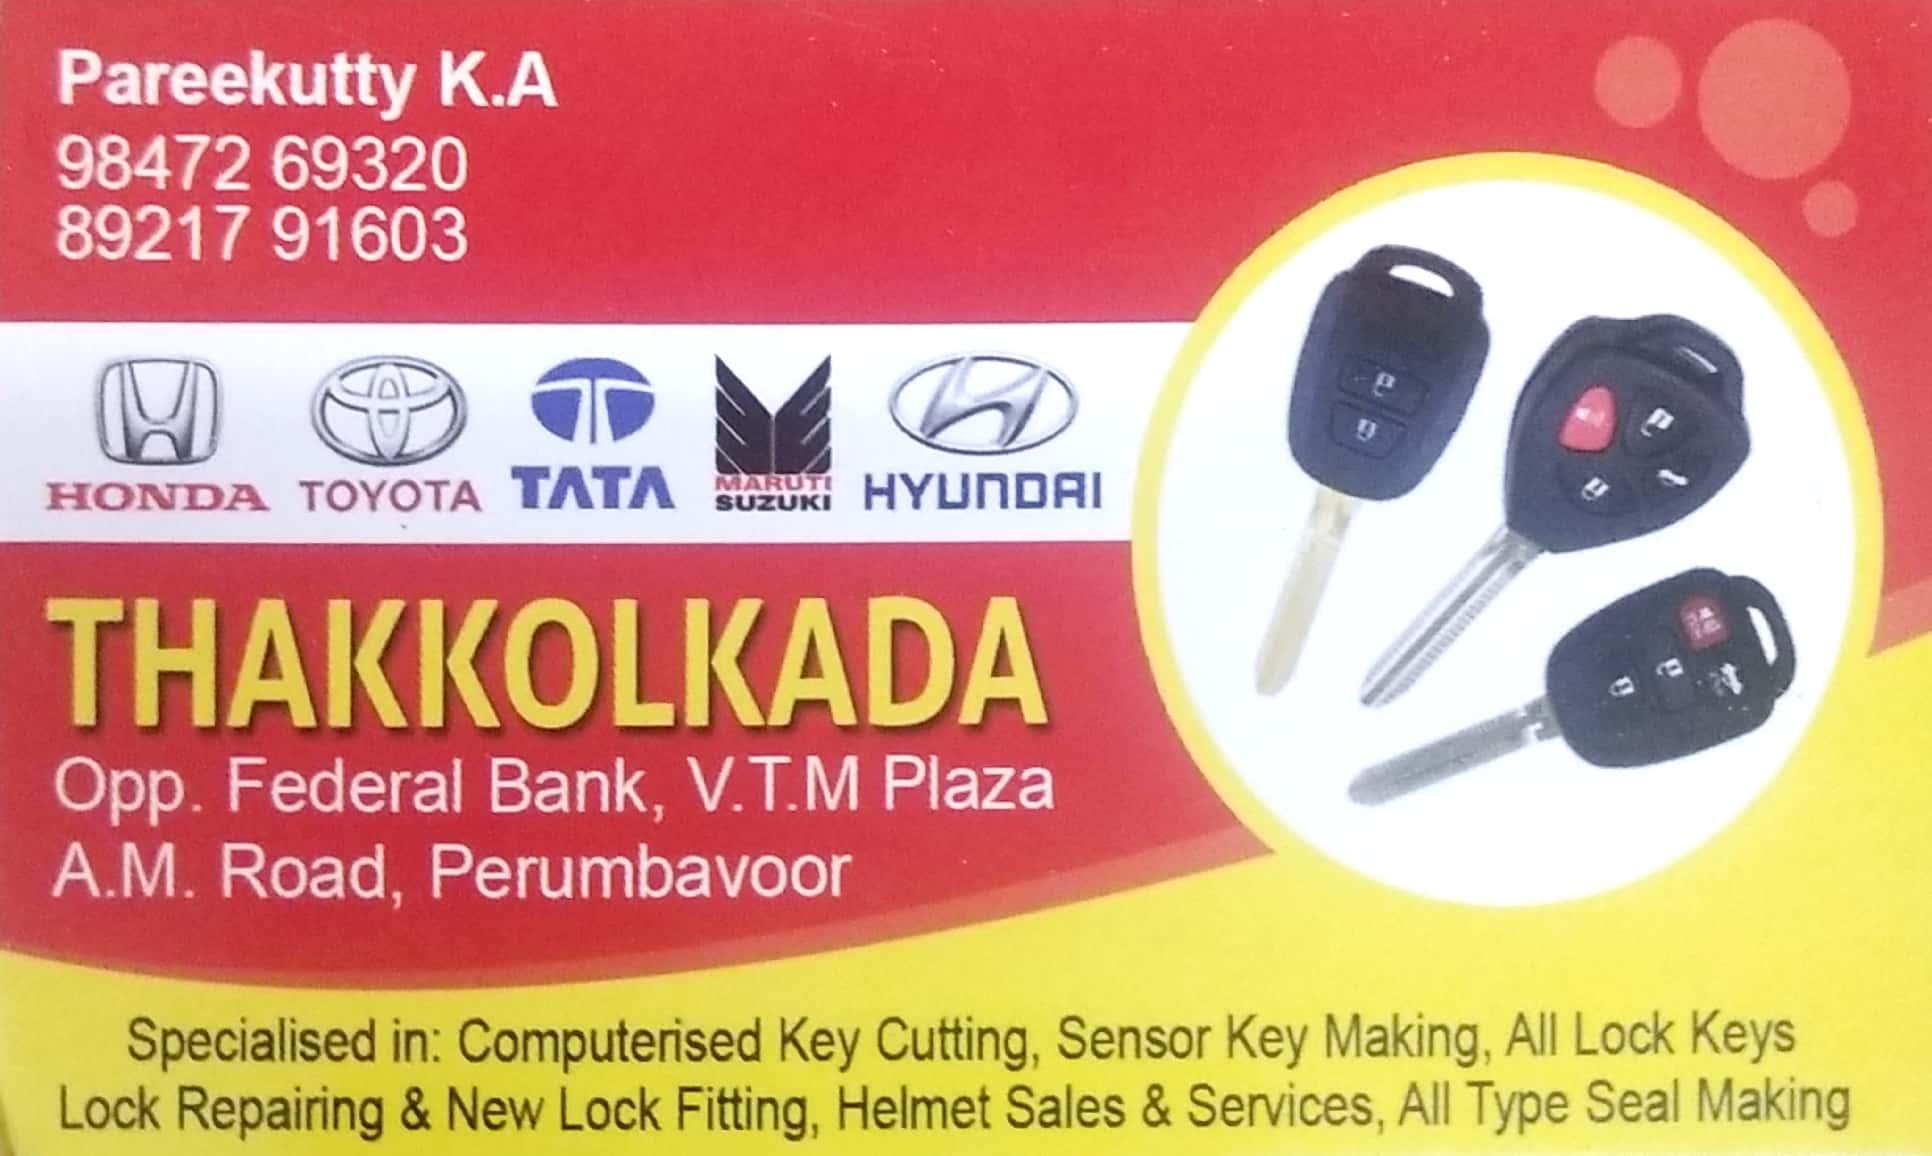 THAKKOLKADA, KEY DUPLICATING AND NUMBER PLATE,  service in Perumbavoor, Ernakulam